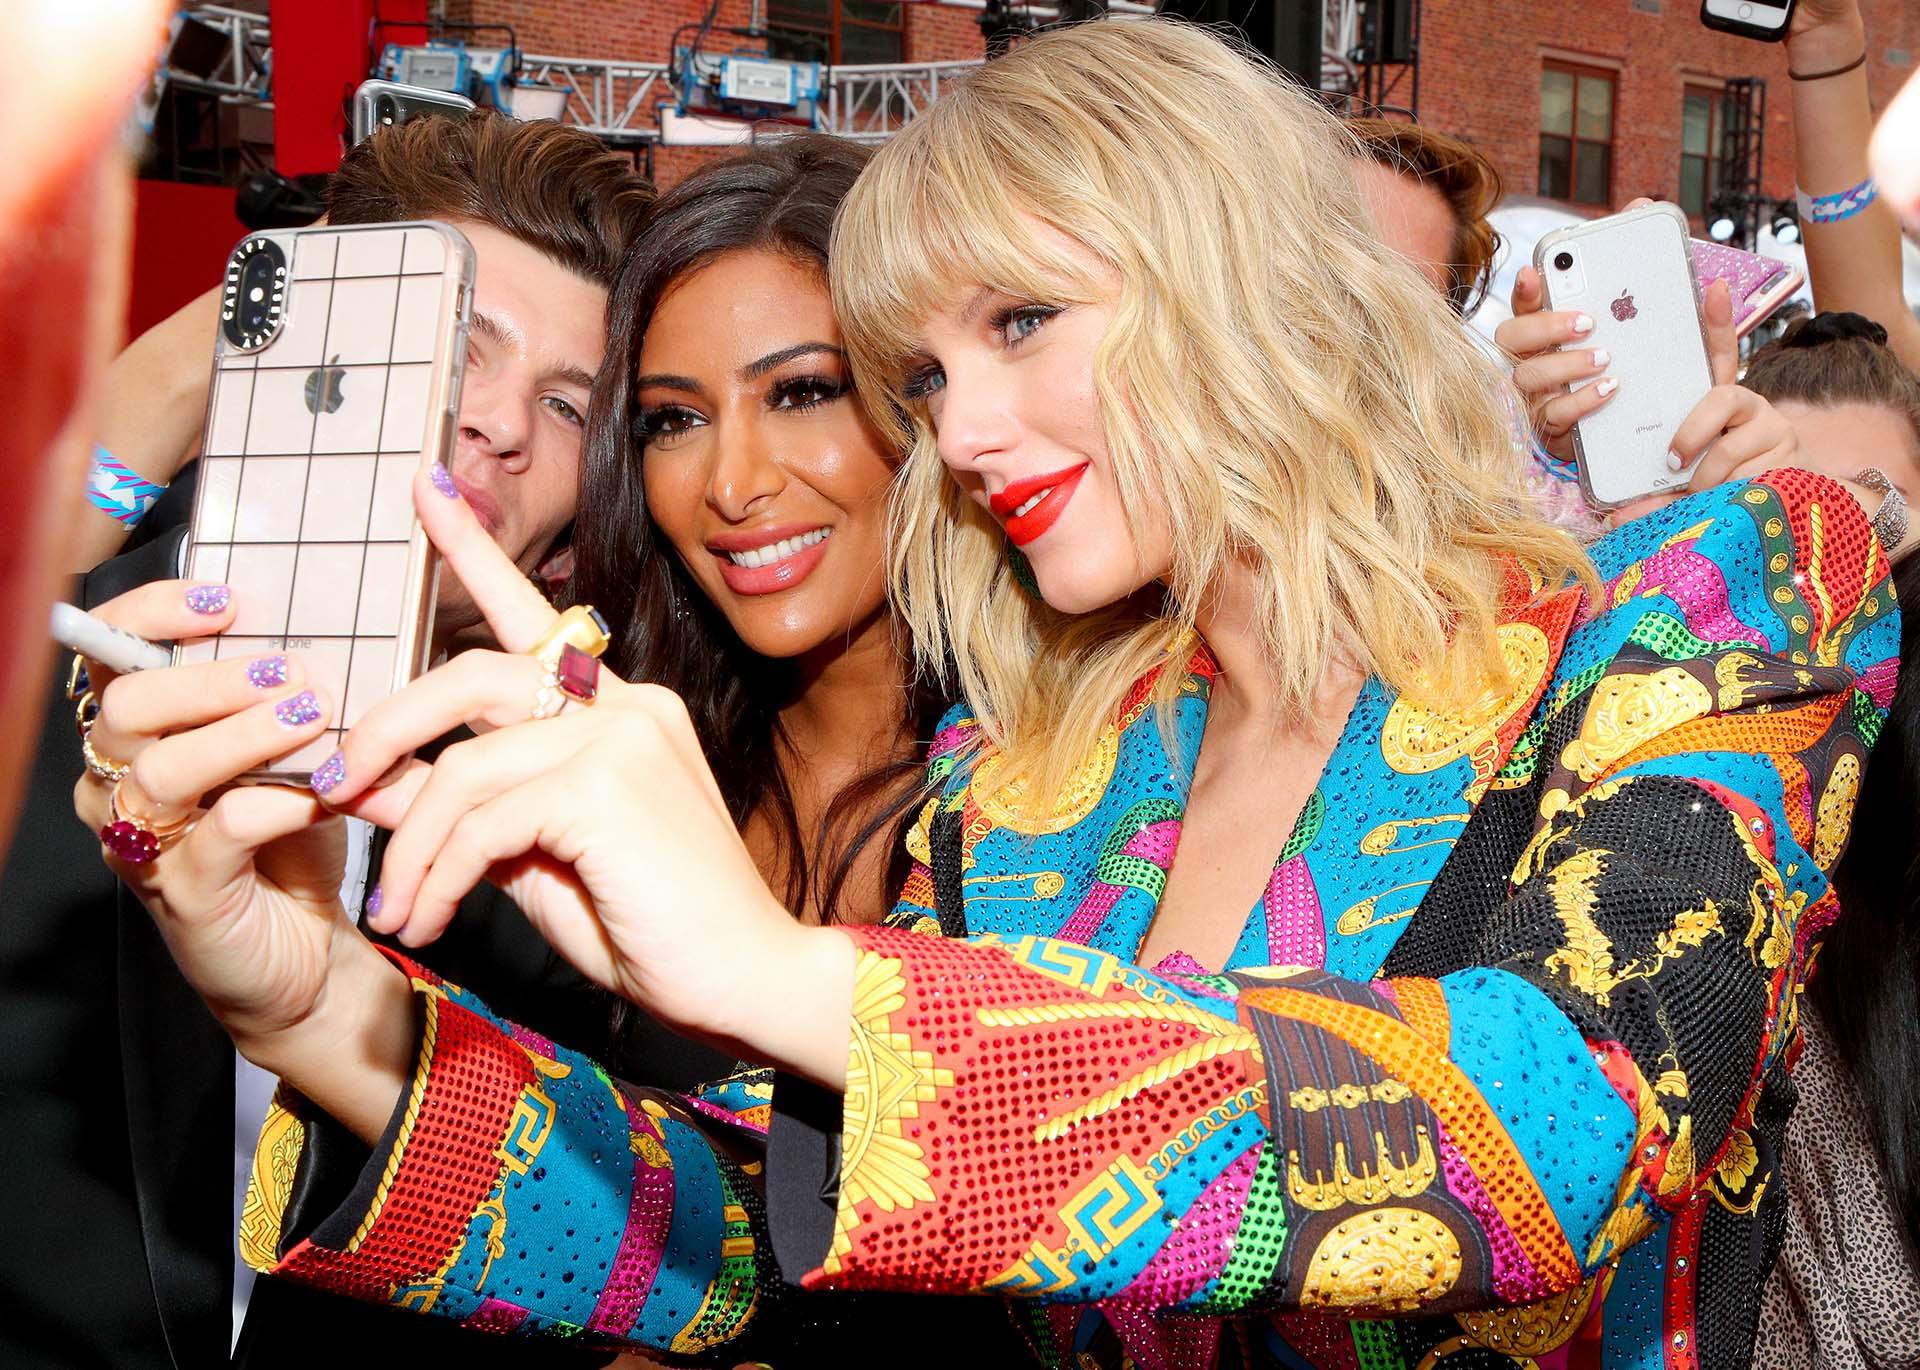 Taylor Swift se tomó selfies con sus fans en su entrada a los MTV Video Music Awards 2019